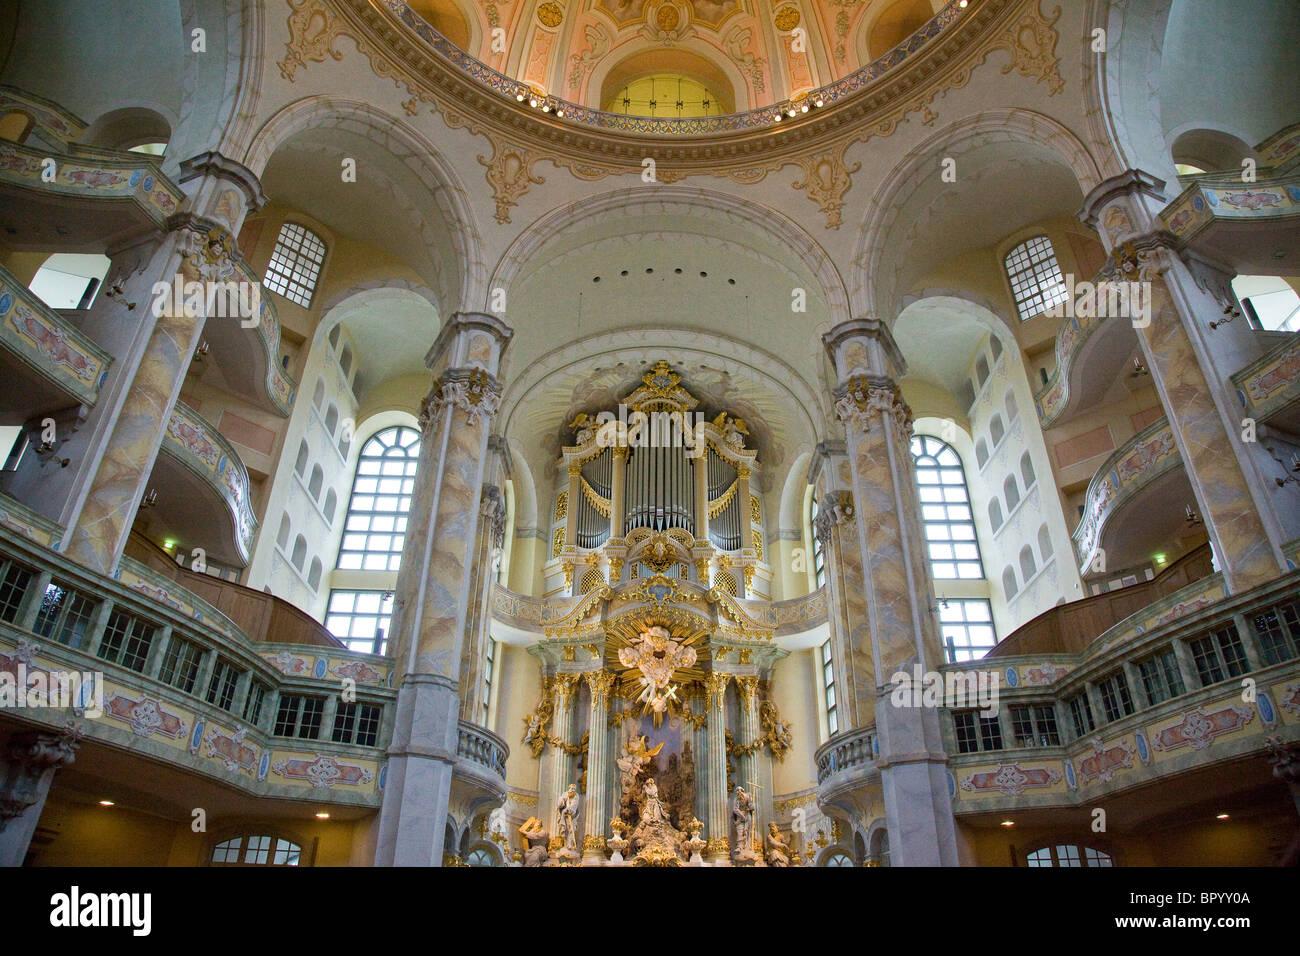 Foto von einem riesigen Orgel in eine alte Kathedrale in Dresden Deutschland Stockbild